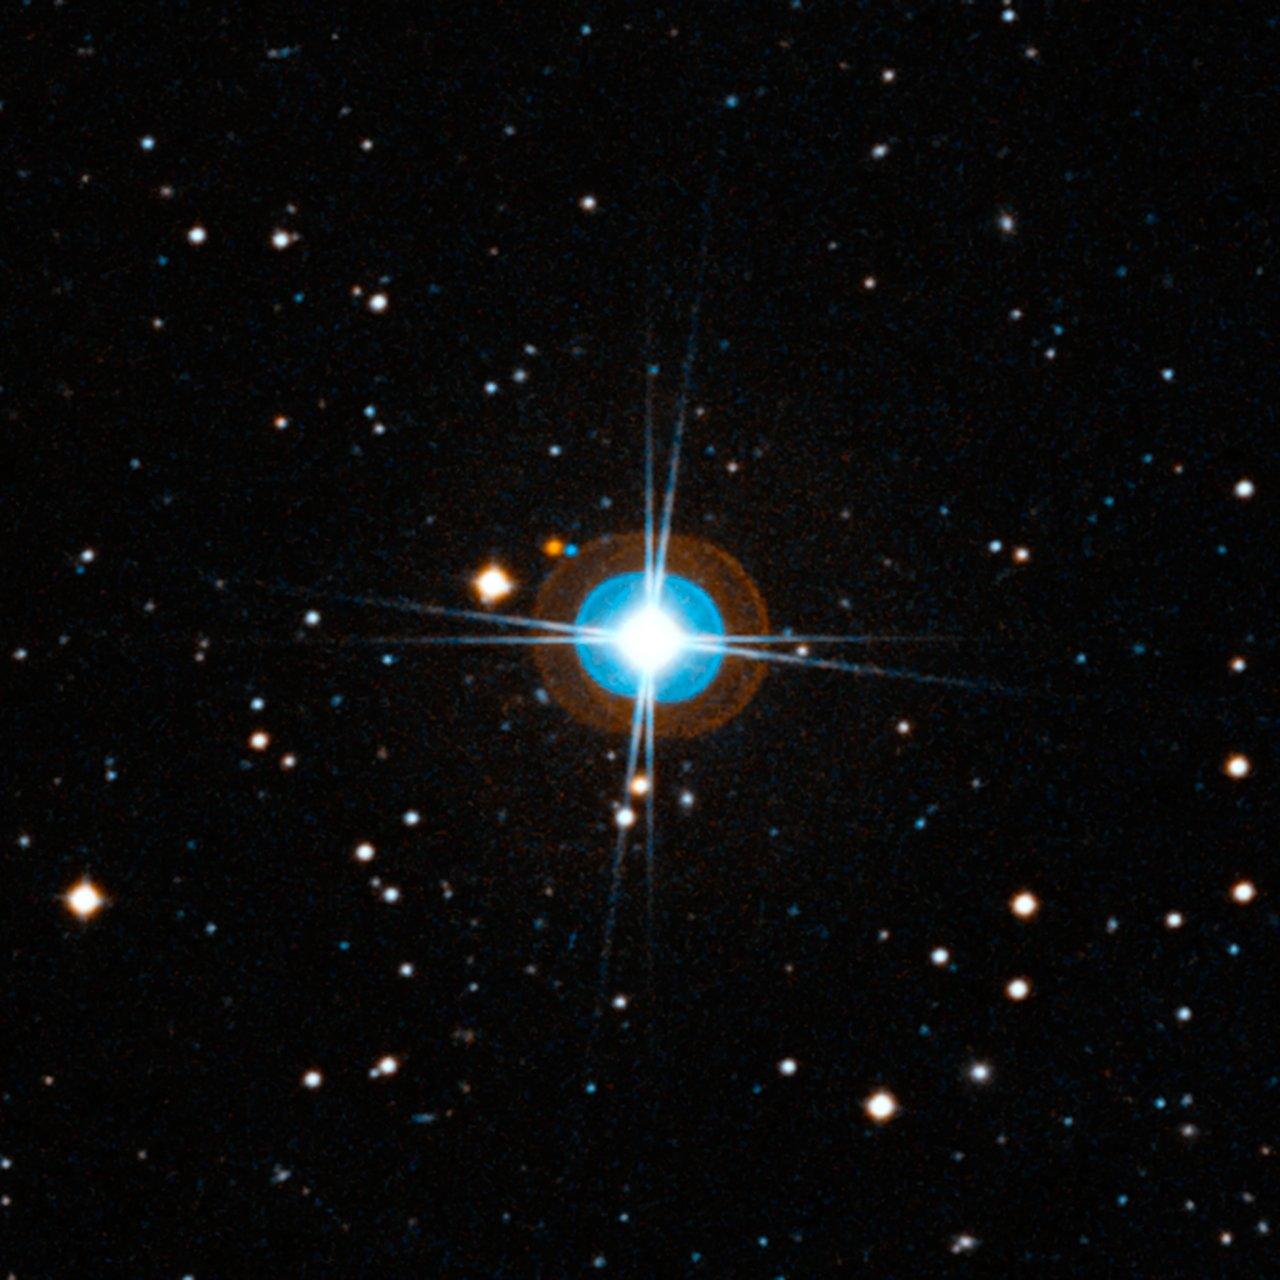 Visión cercana del cielo alrededor de la estrella HD 10180